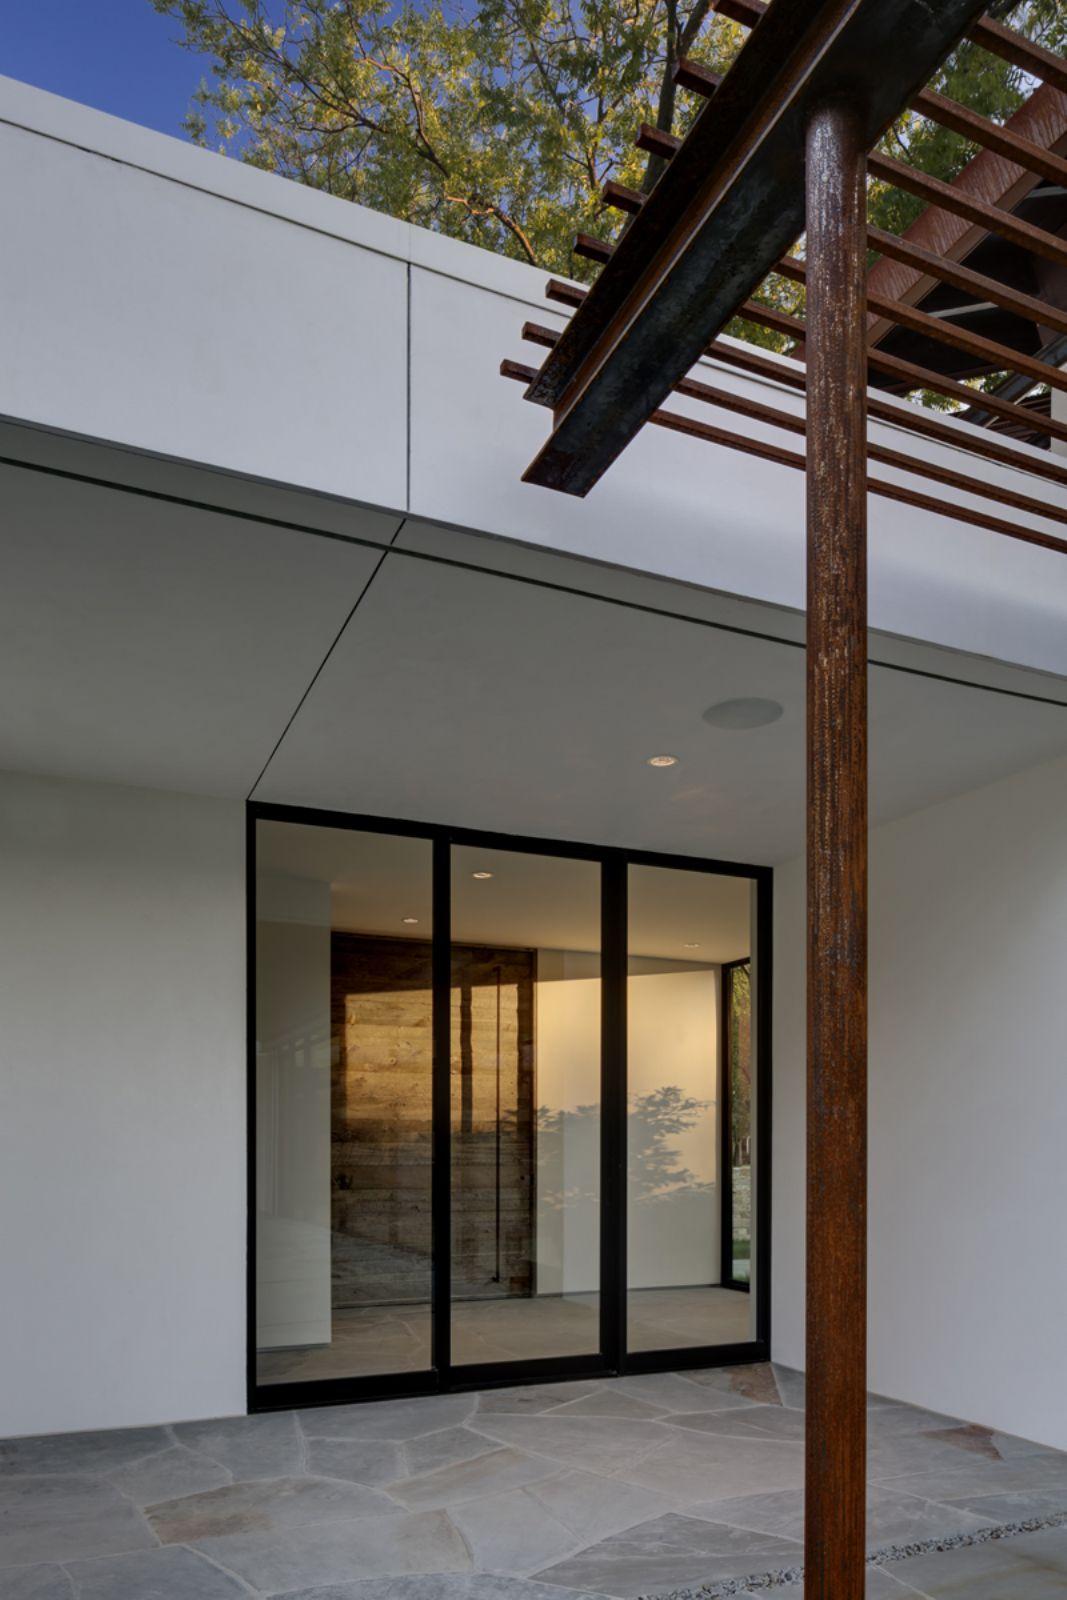 Casa de un piso con cuatro dormitorios construye hogar for Encerrado en 4 paredes